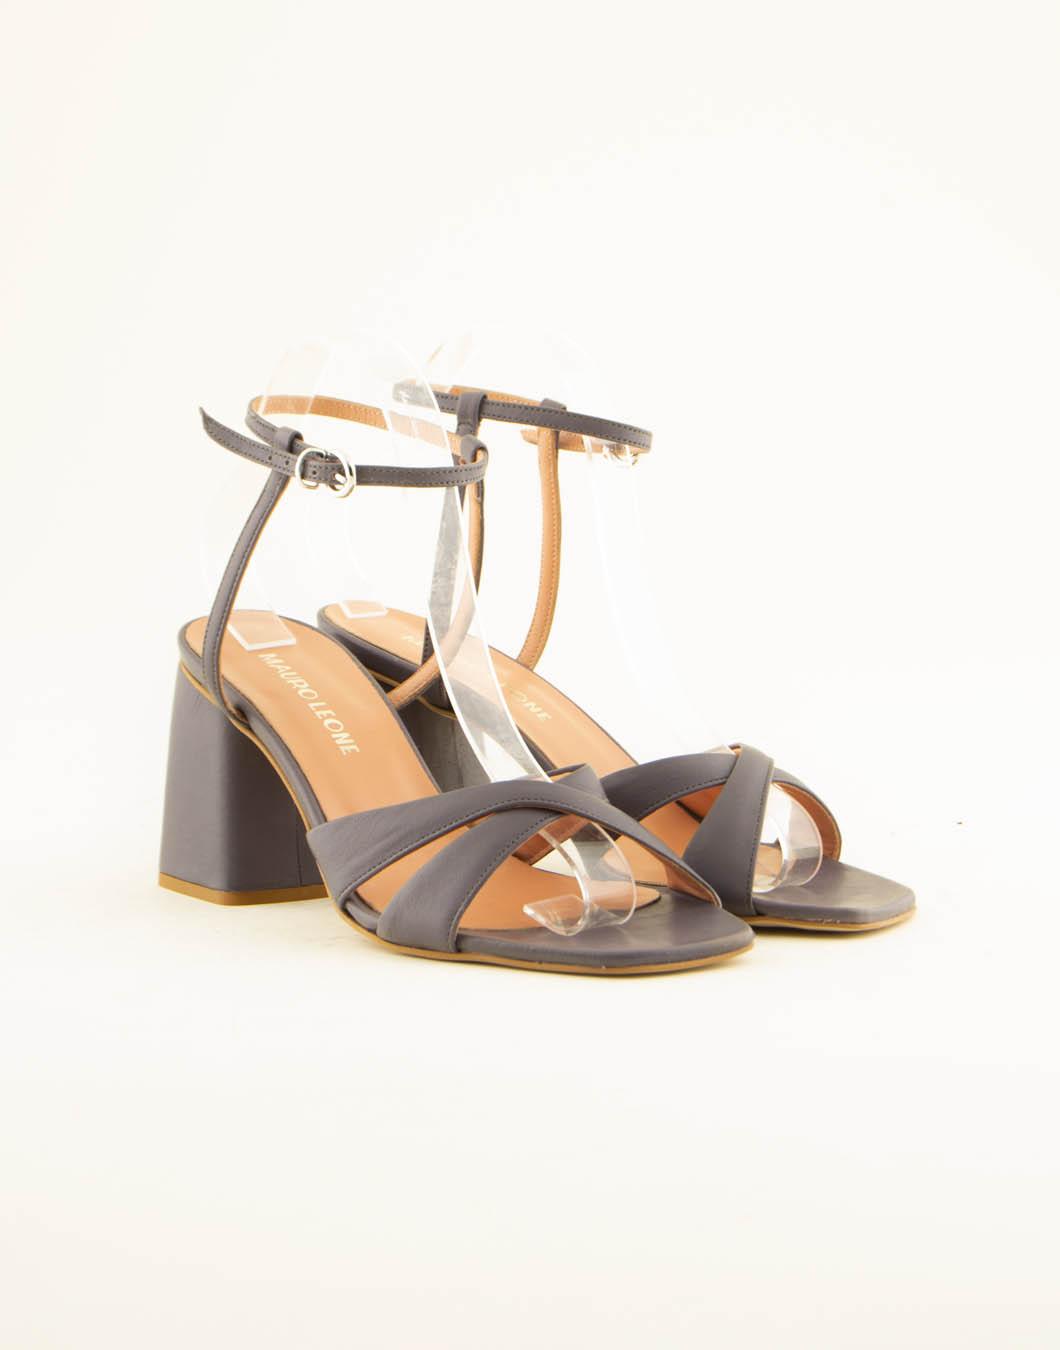 Sandali con il tacco in pelle - MAURO LEONE